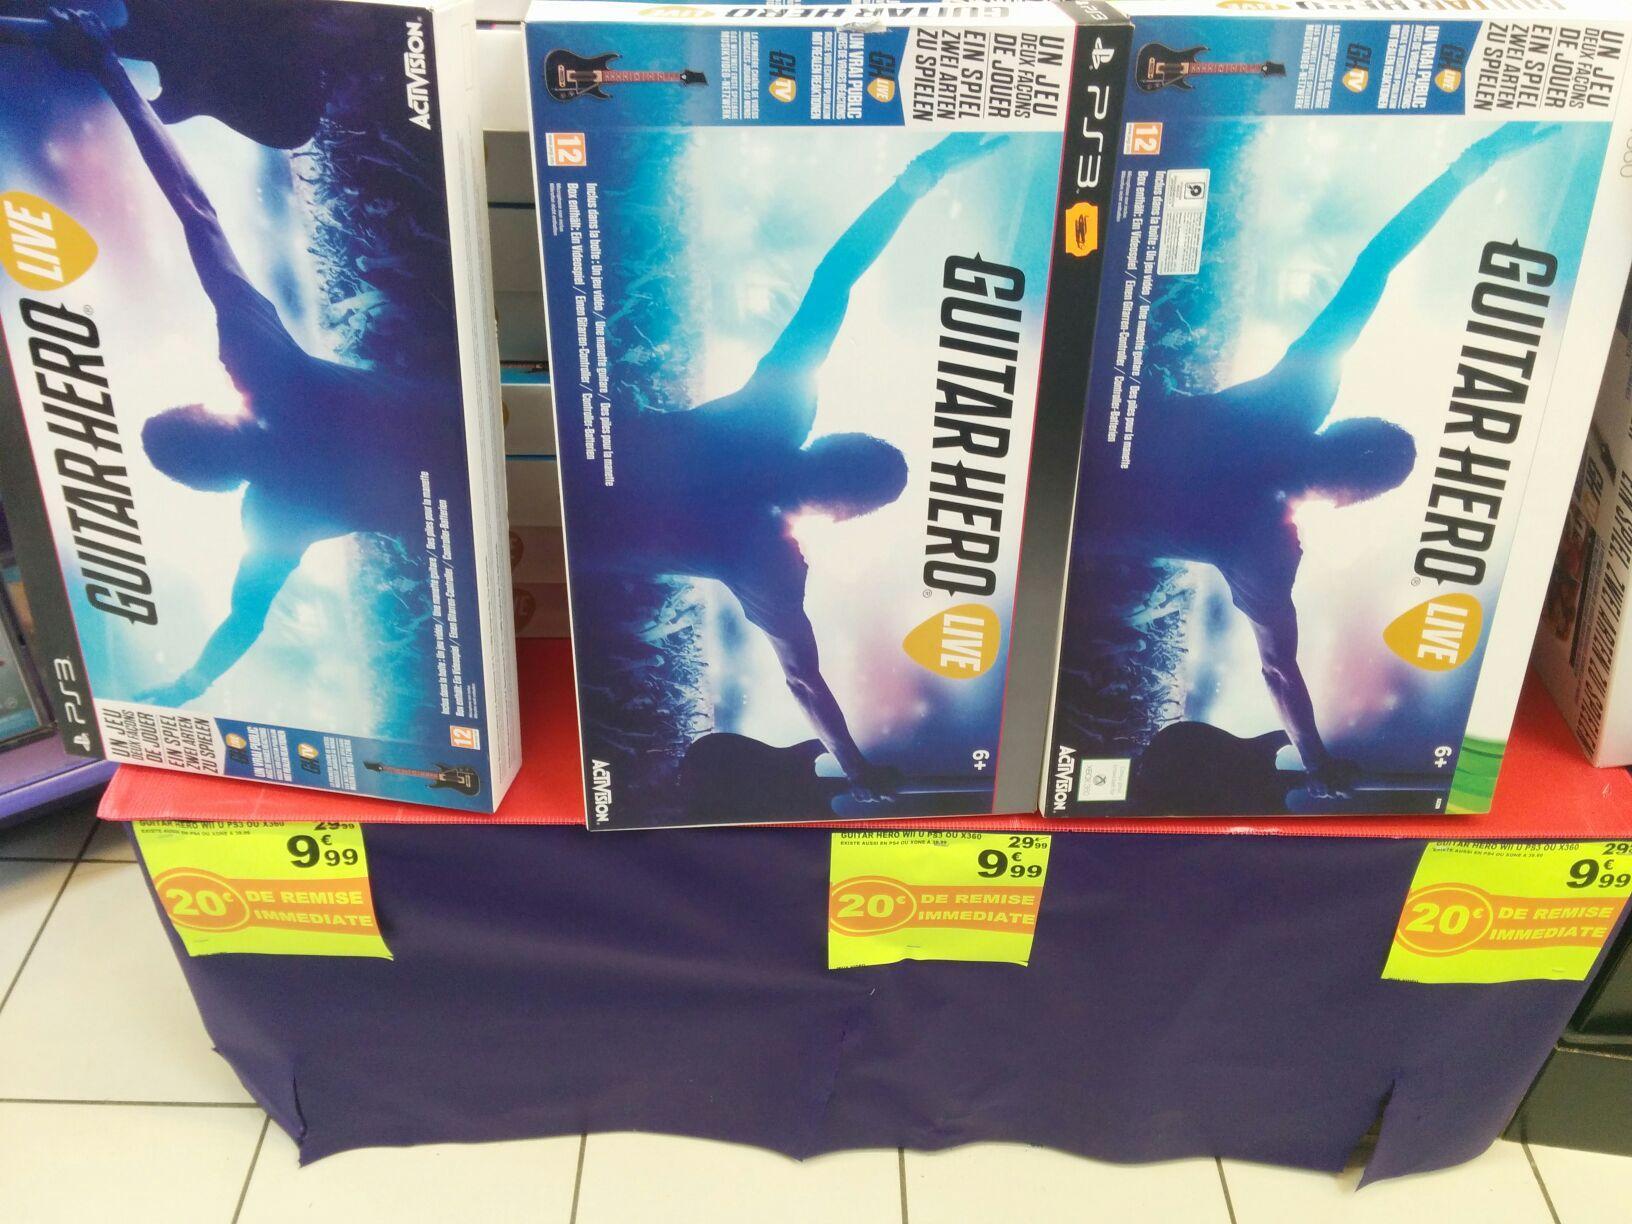 Jeux Guitar Hero sur PS3, Xbox 360 et Wii U